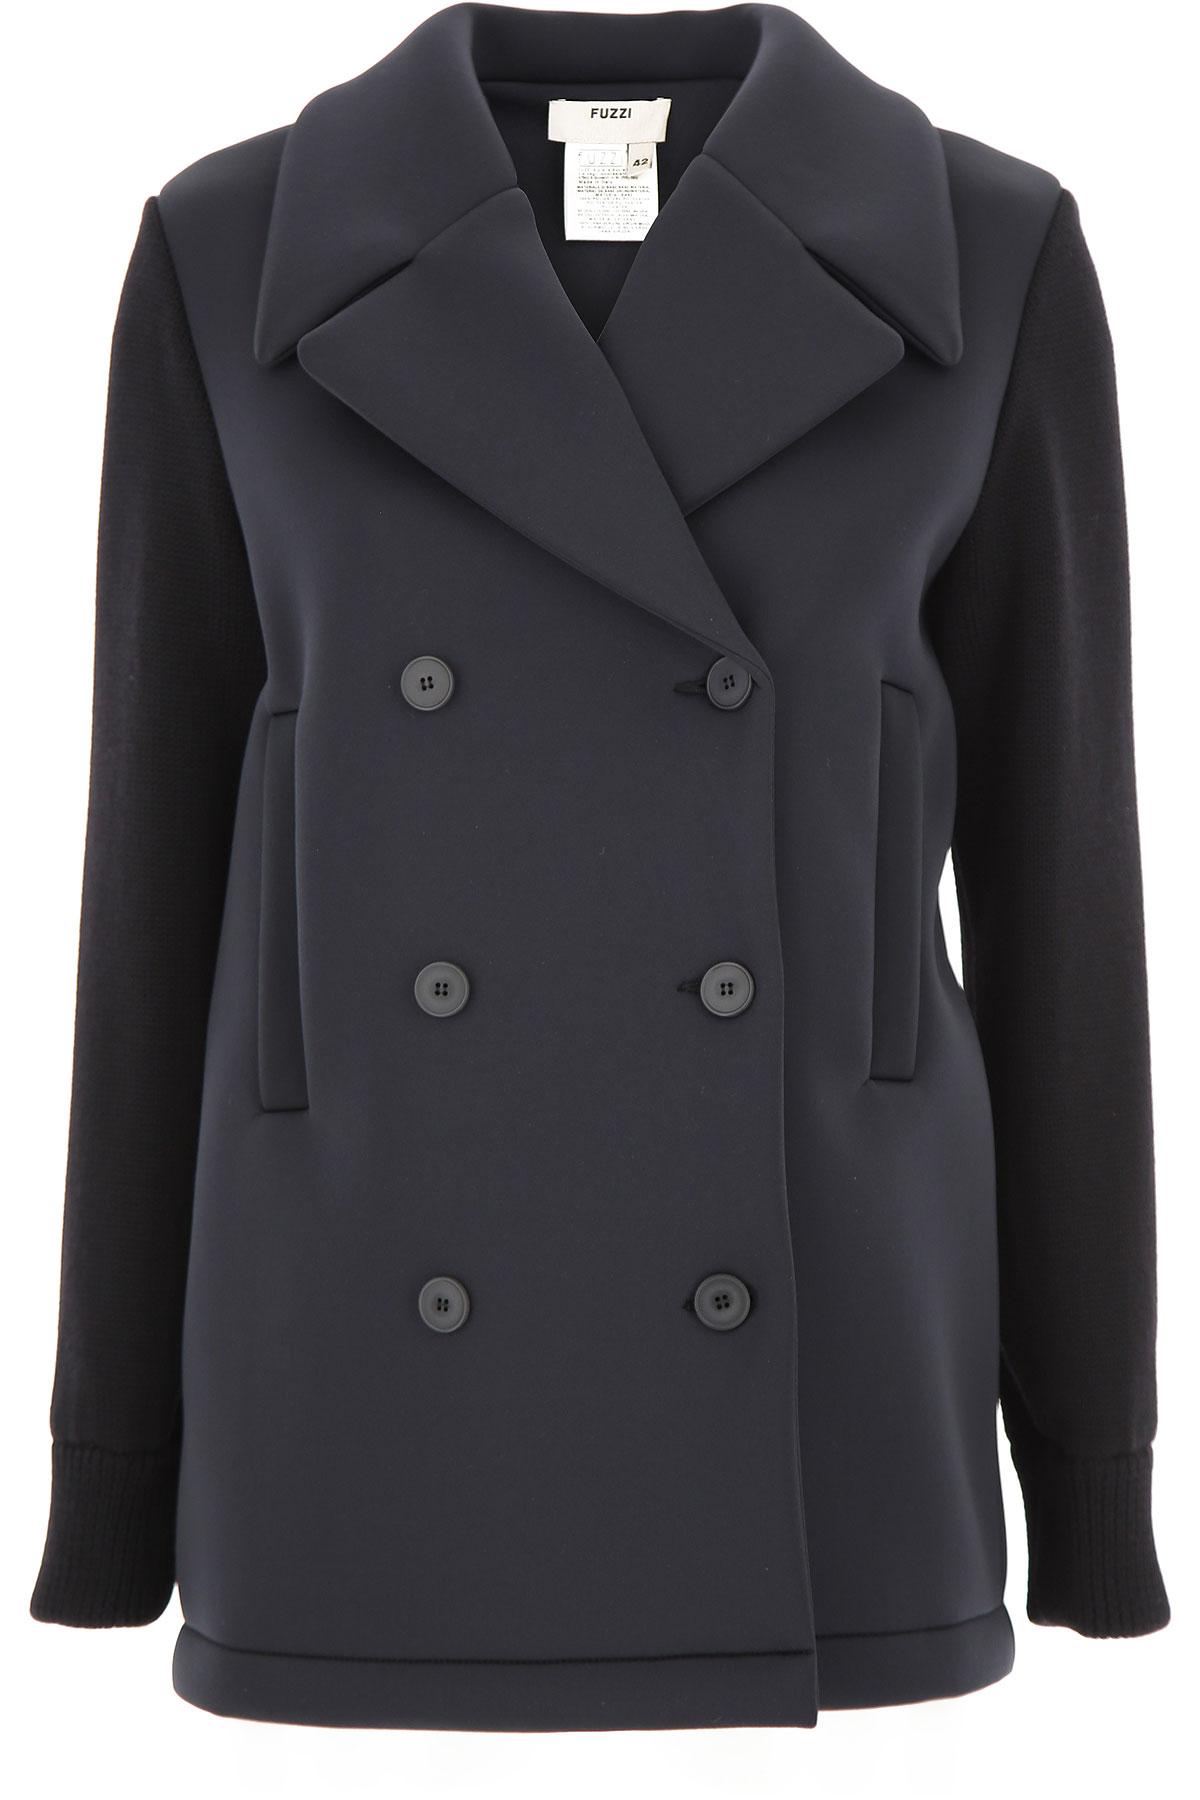 Fuzzi Manteau Femme Pas cher en Soldes, Noir, Polyester, 2019, 44 46 M